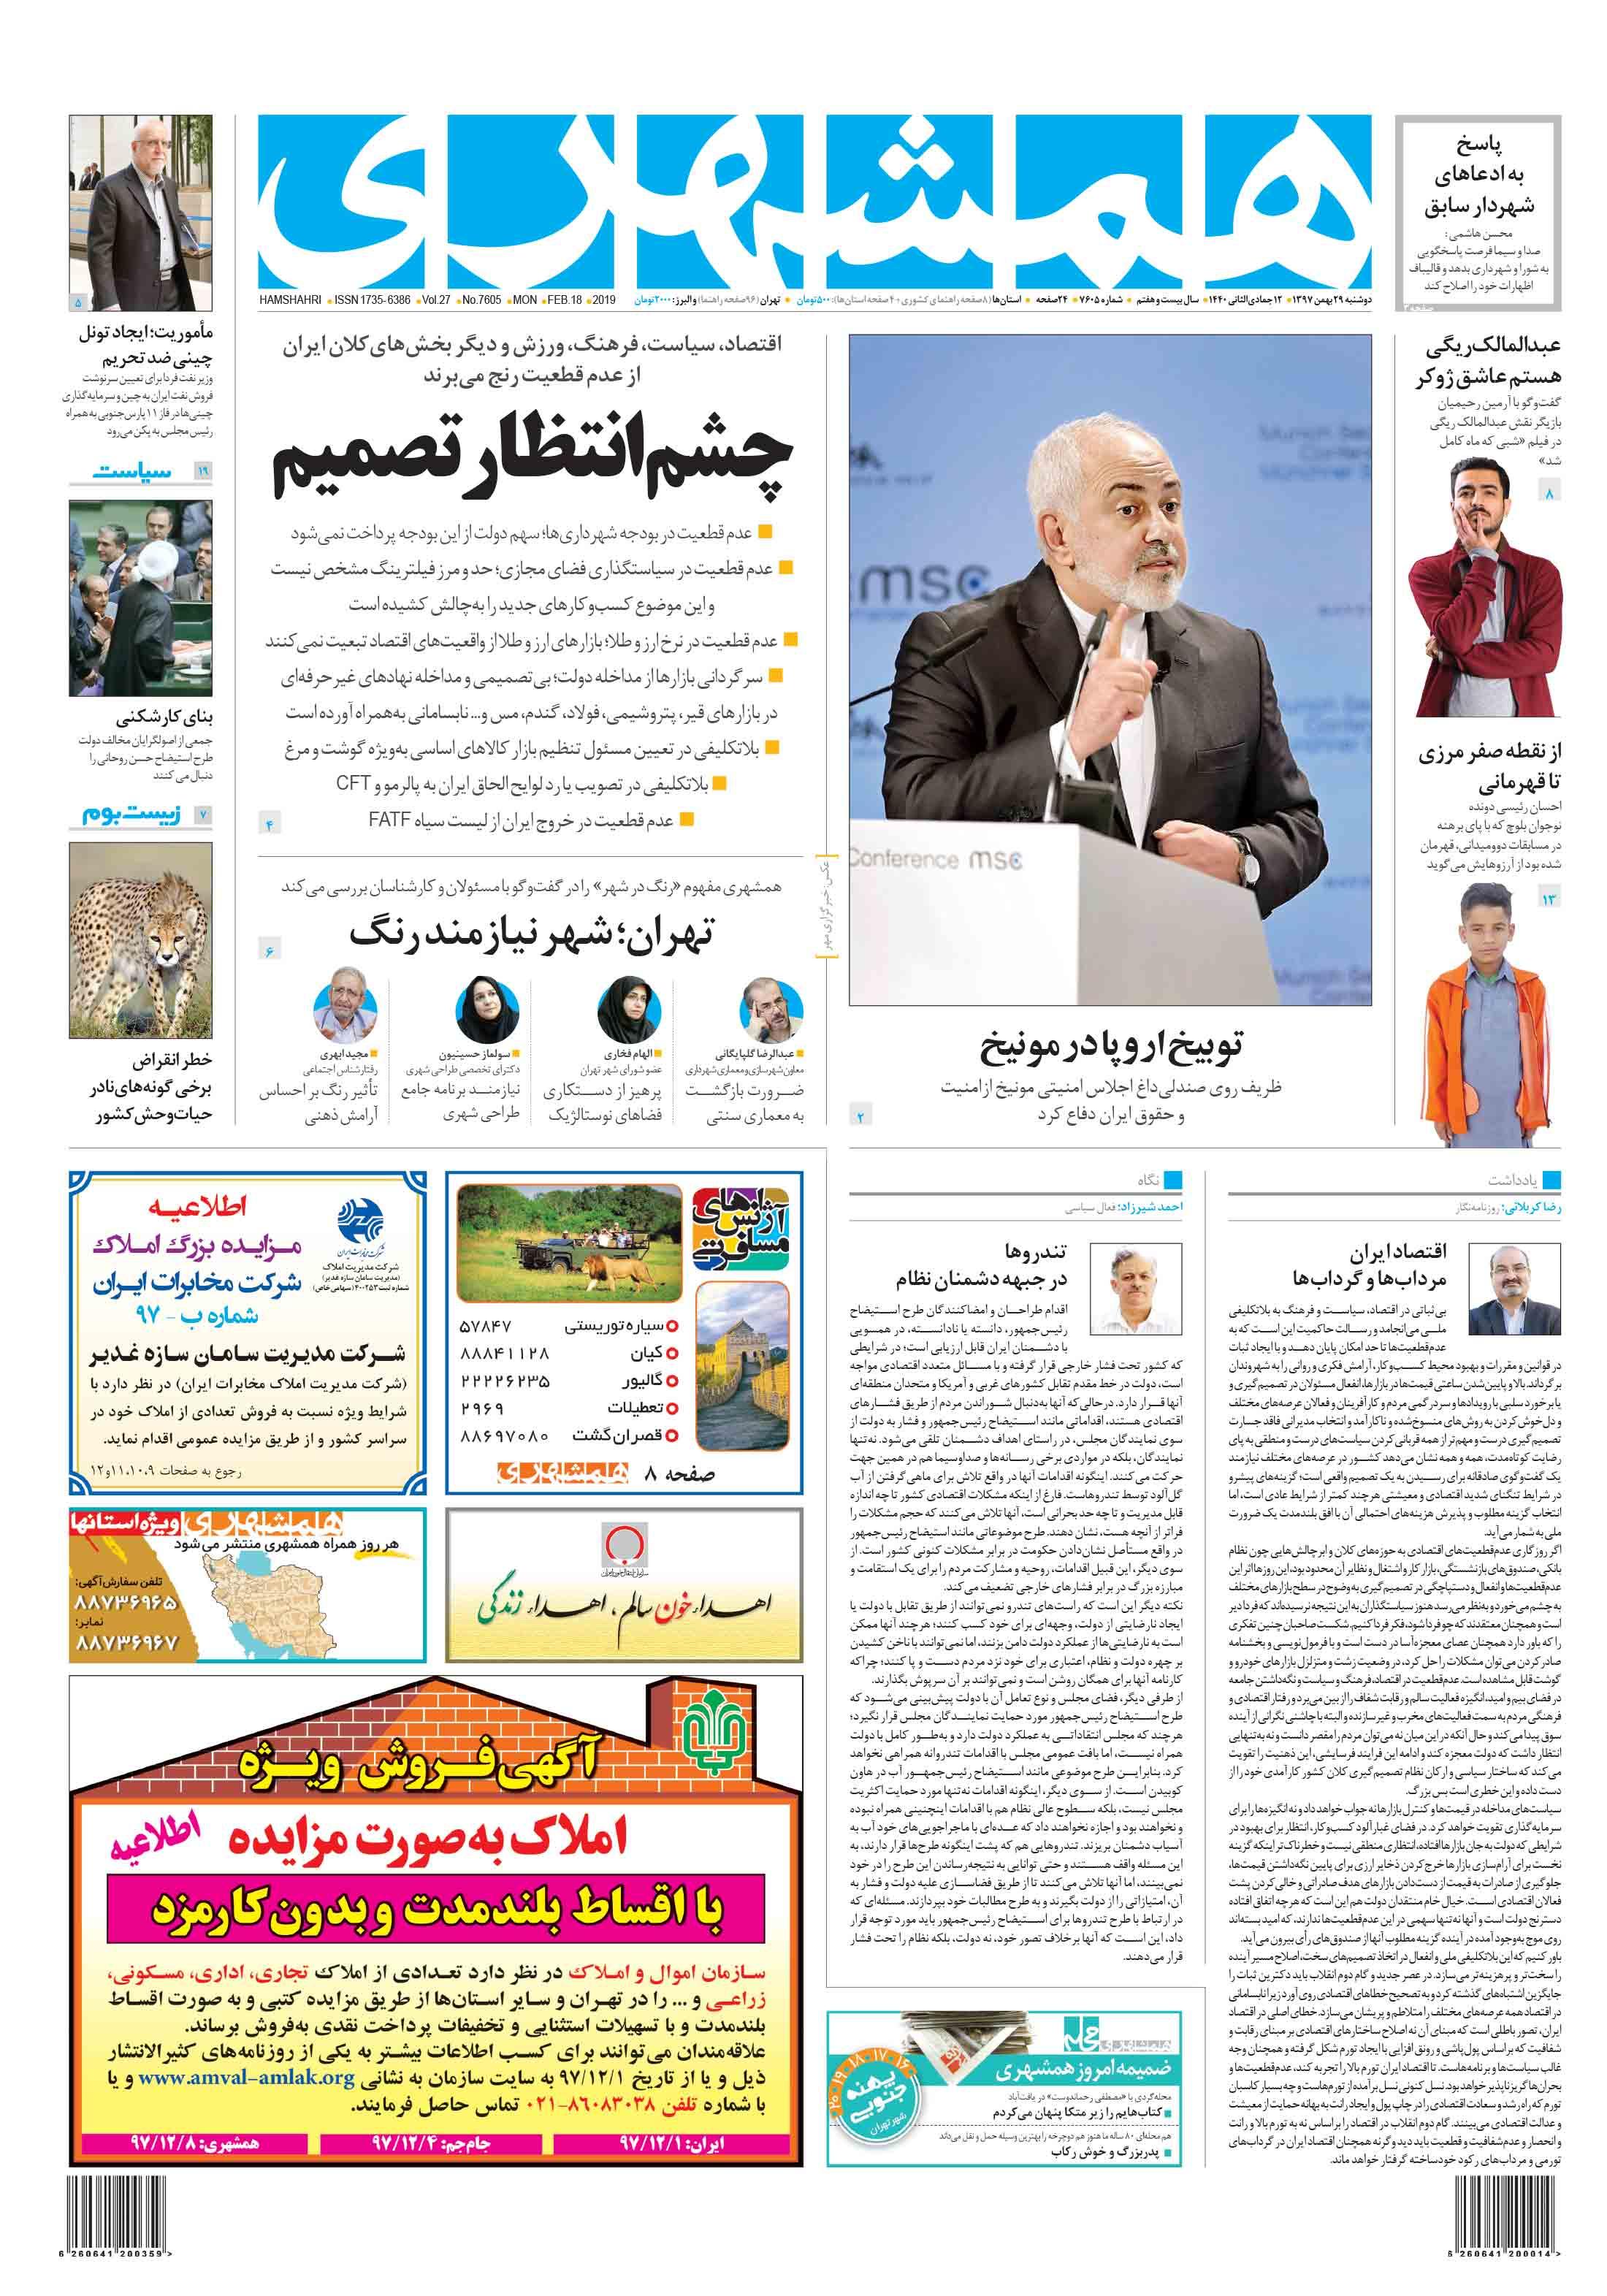 صفحه اول دوشنبه 29 بهمن 1397